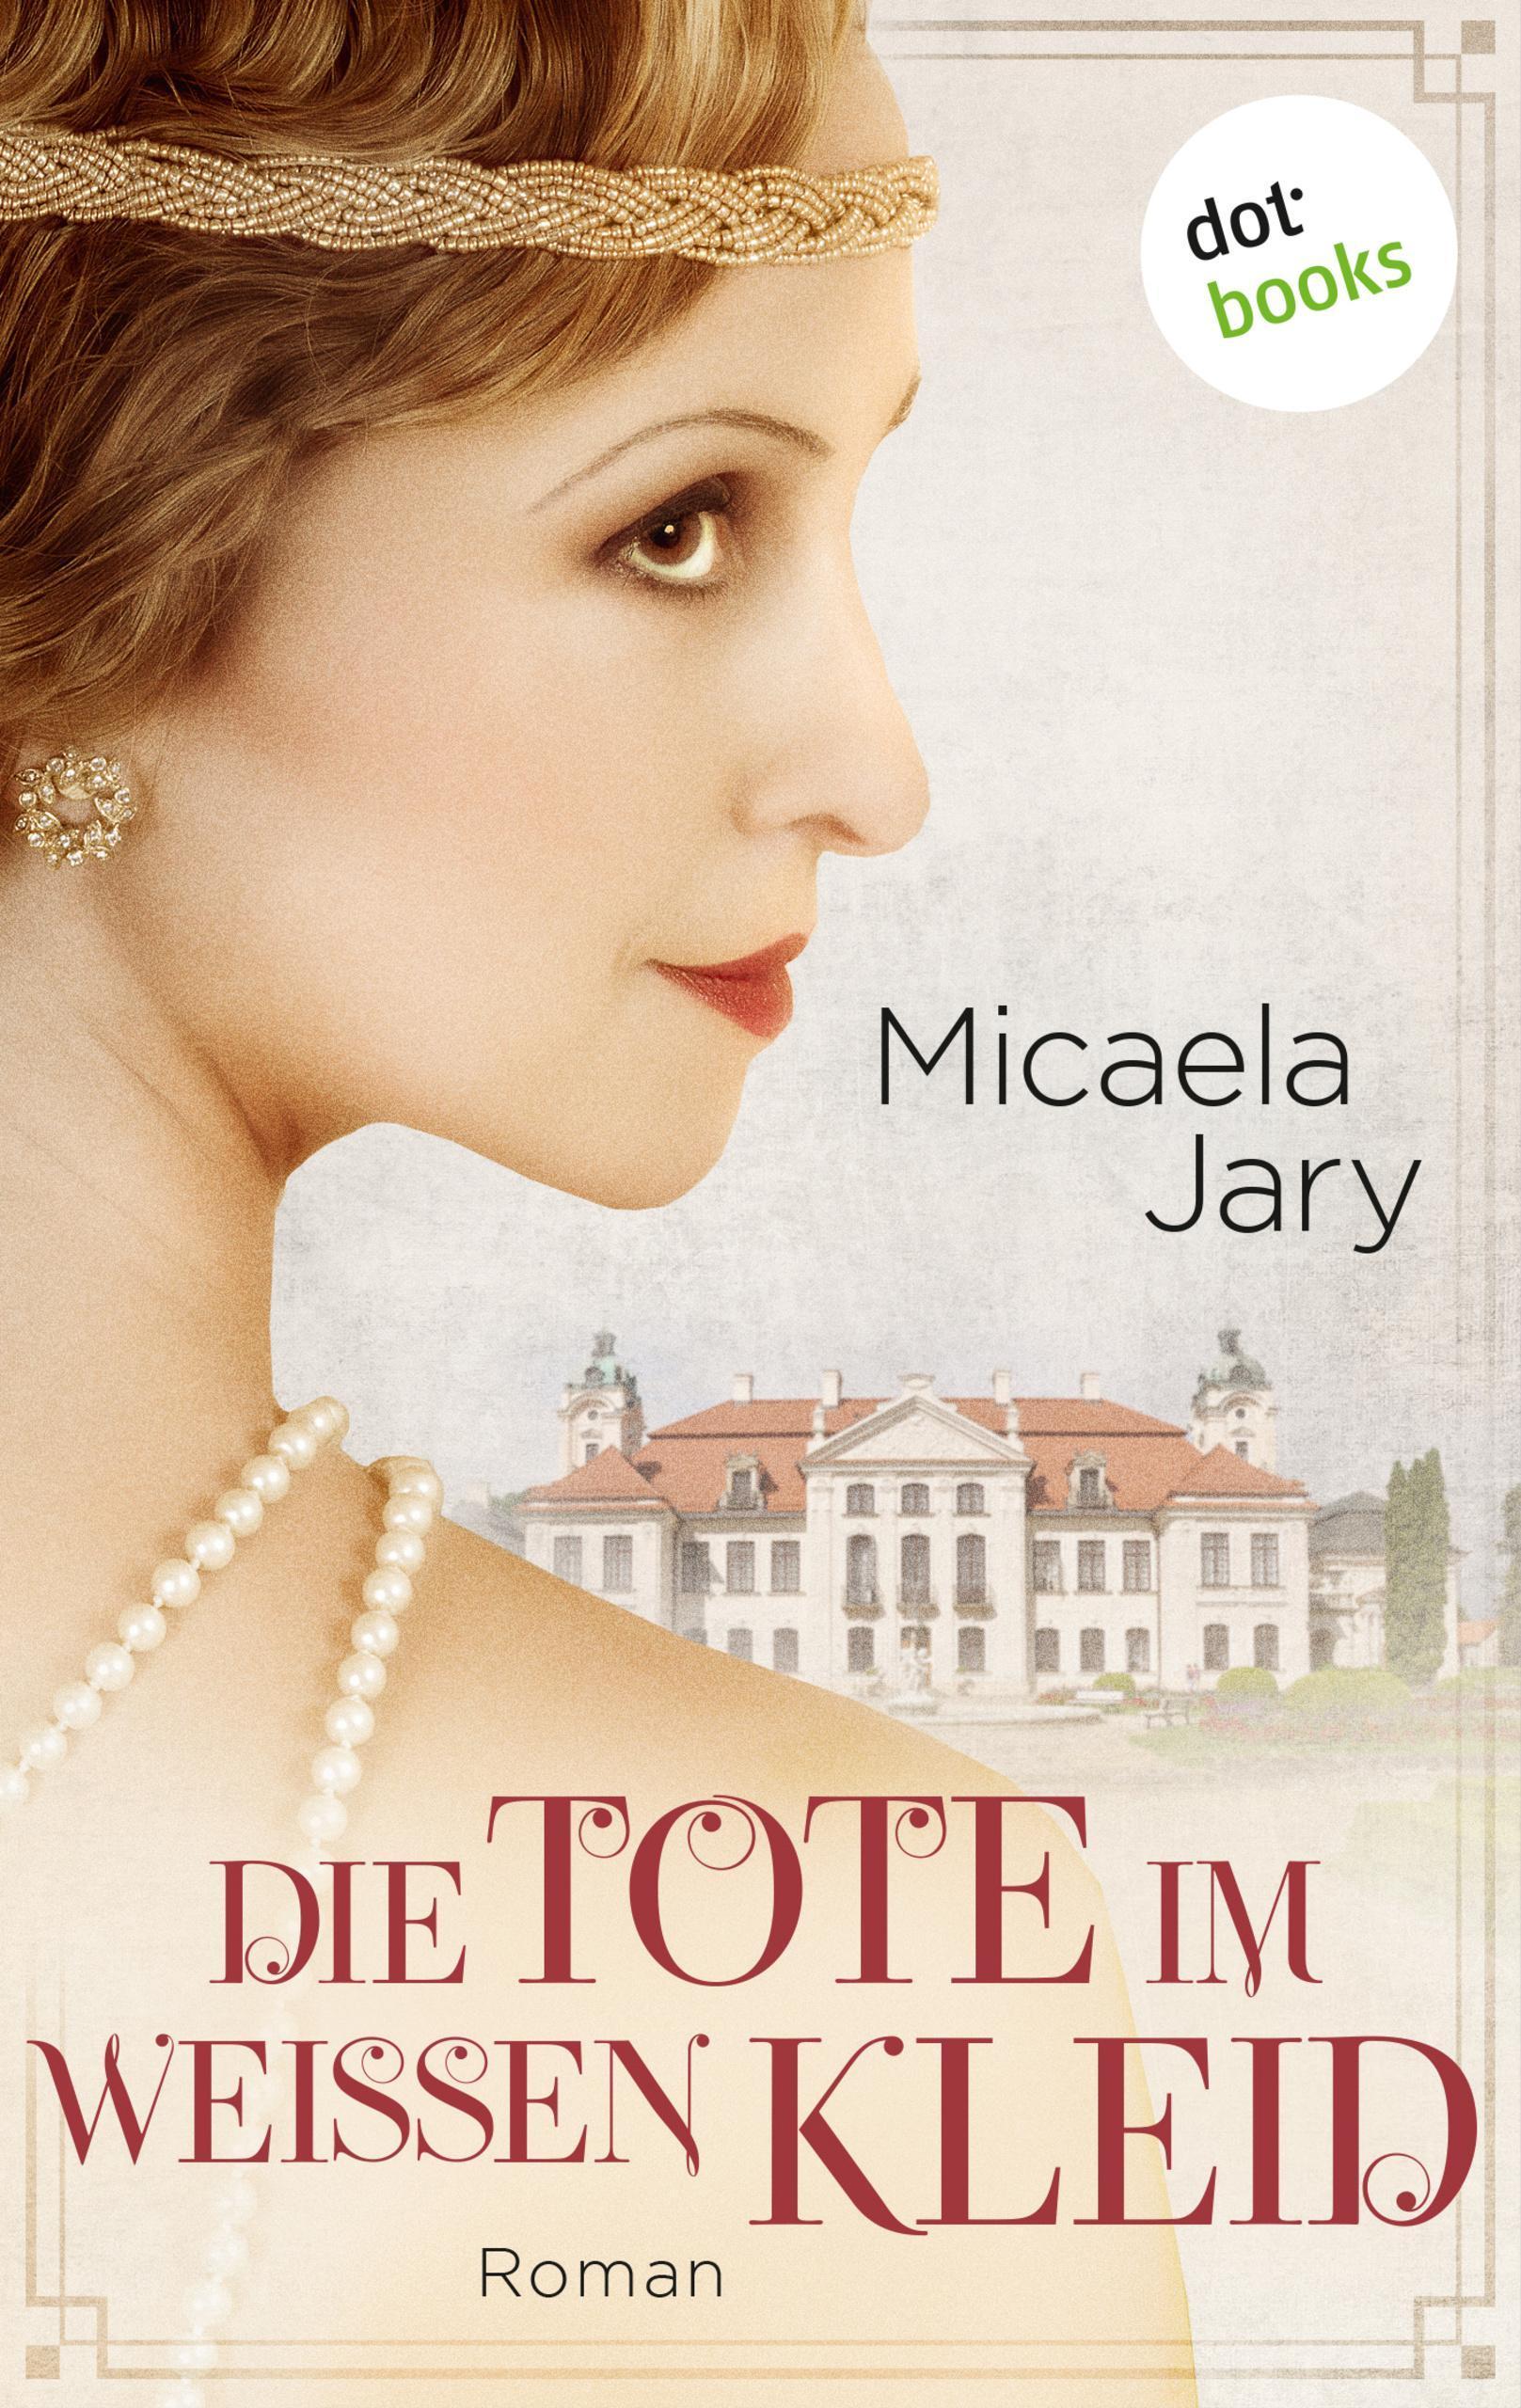 Die Villa am Meer Buch von Micaela Jary versandkostenfrei